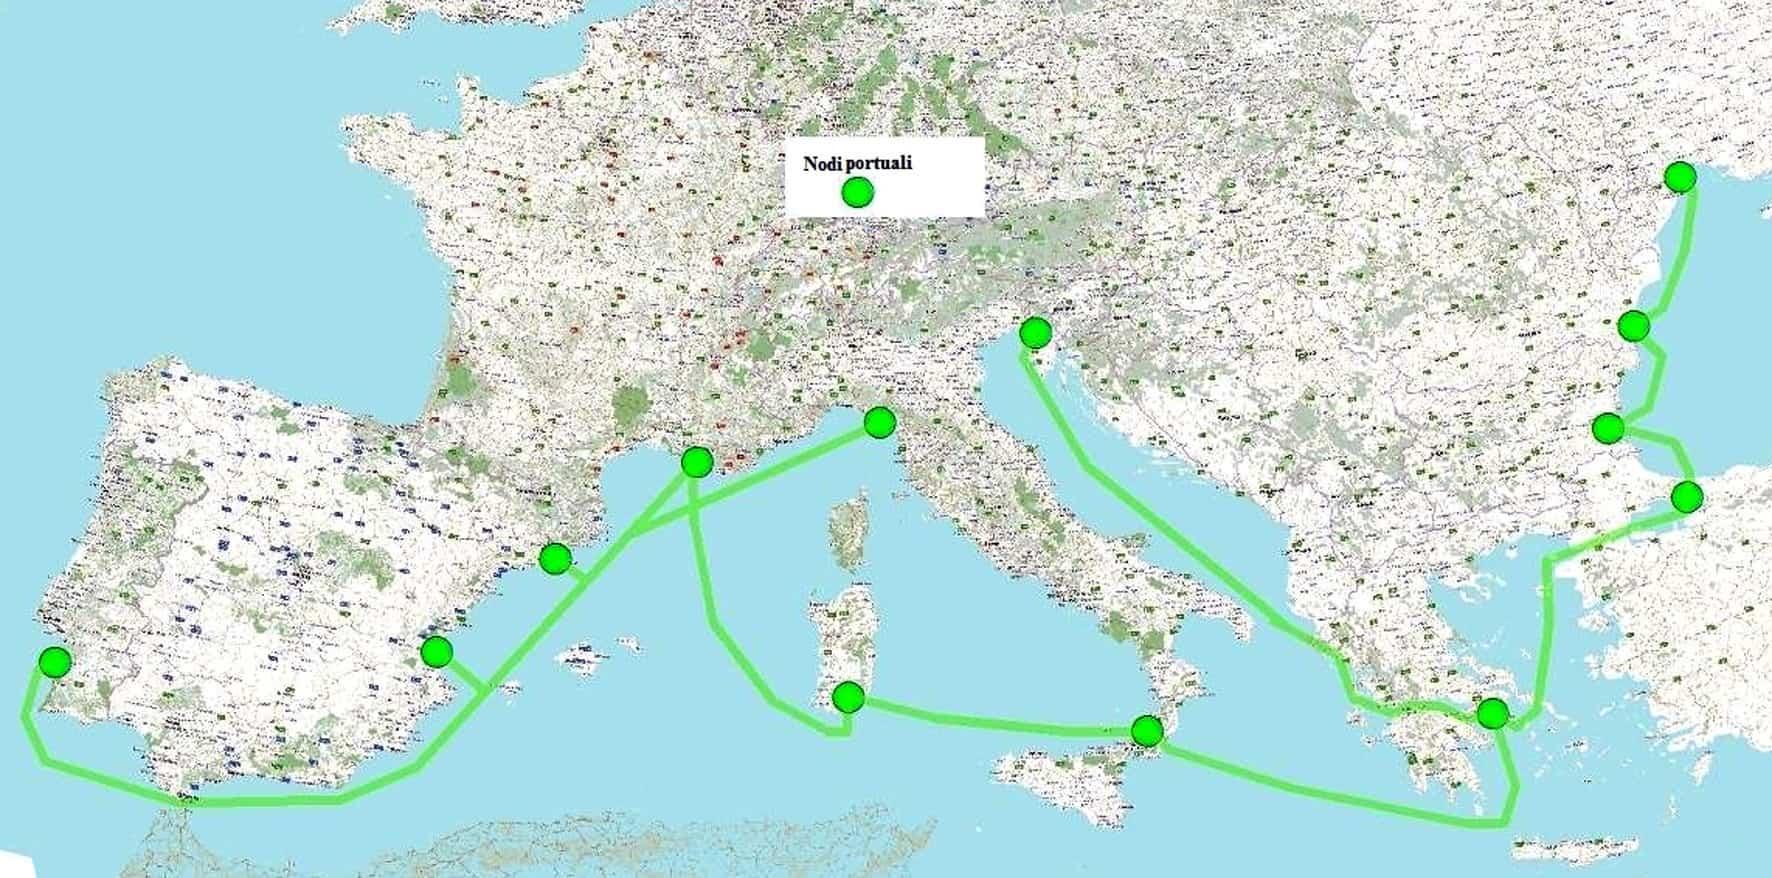 Il piano di sostegno alla logistica del trasporto merci marittimo attraverso la definizione di Corridoi verdi